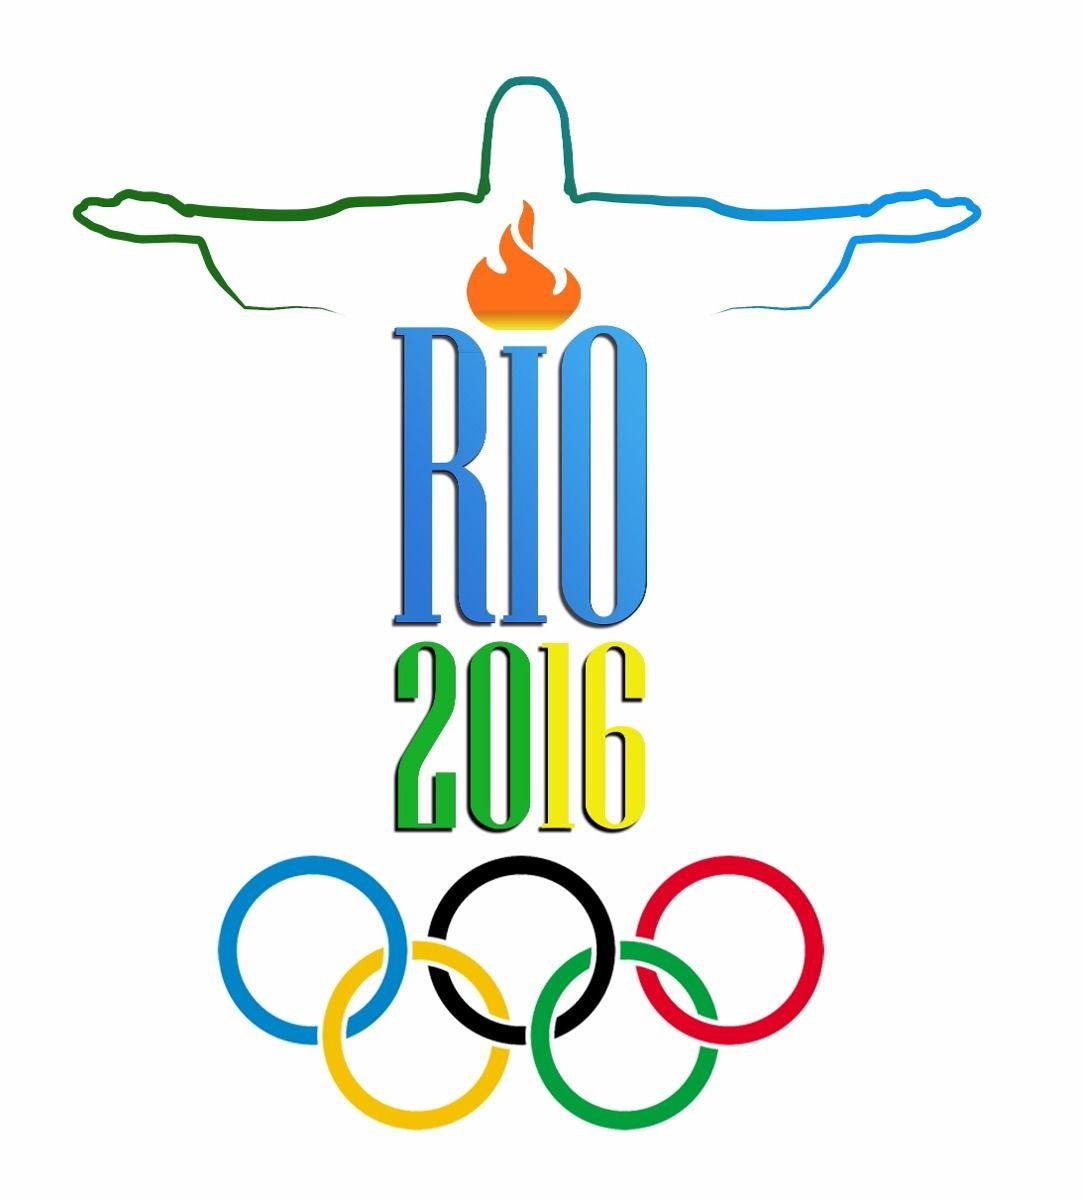 Olympic rings logo rio 2016 olympics logo designed by fred gelli - Resultado De Imagem Para Imagens Da Olimp Adas 2016 Olympic